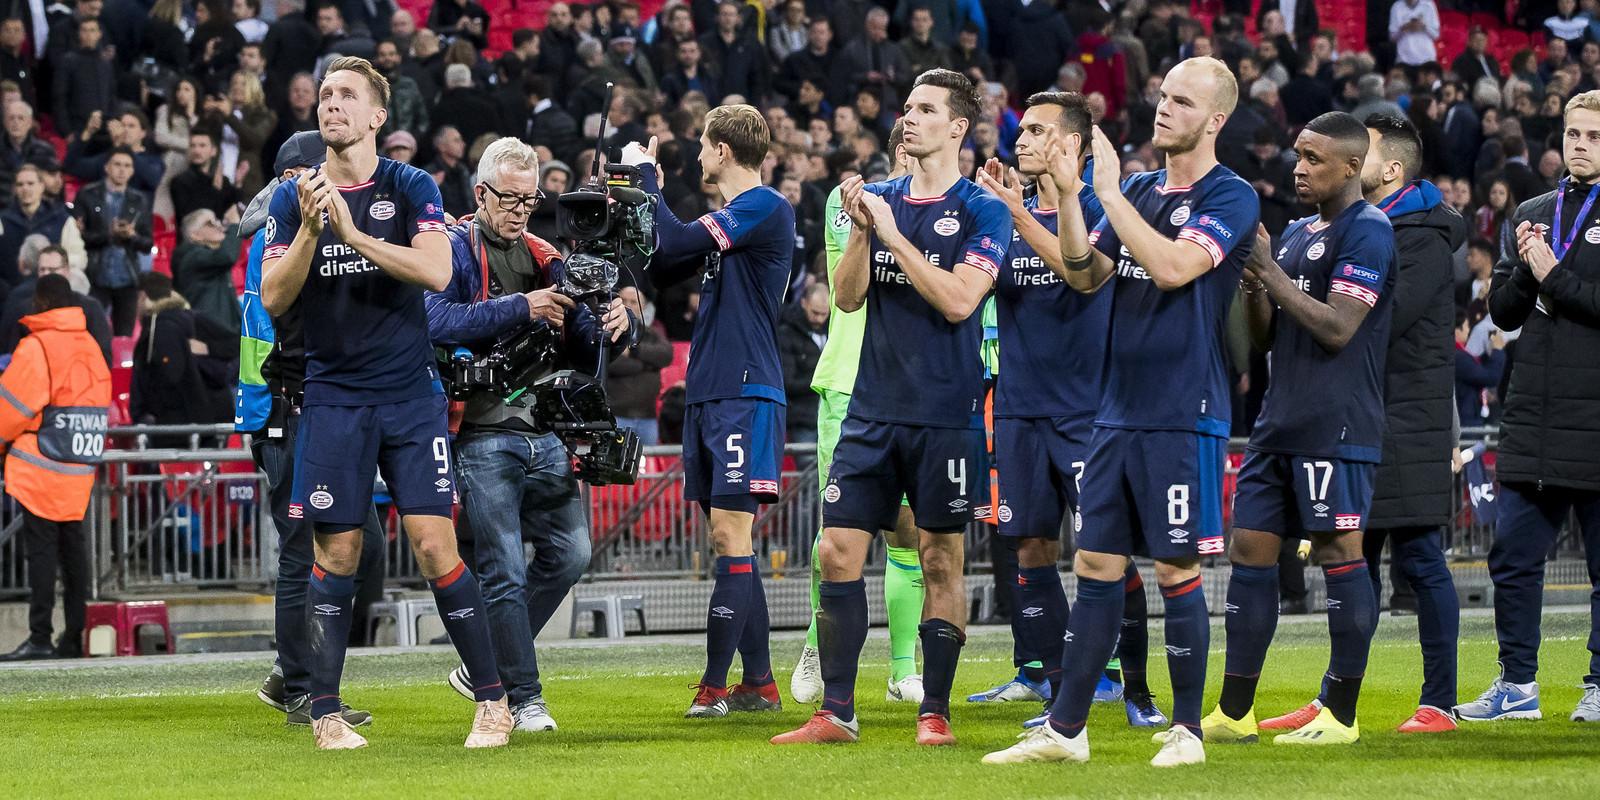 PSV ging dinsdag ten onder in Londen, waar de ploeg met 2-1 van Tottenham Hotspur verloor.